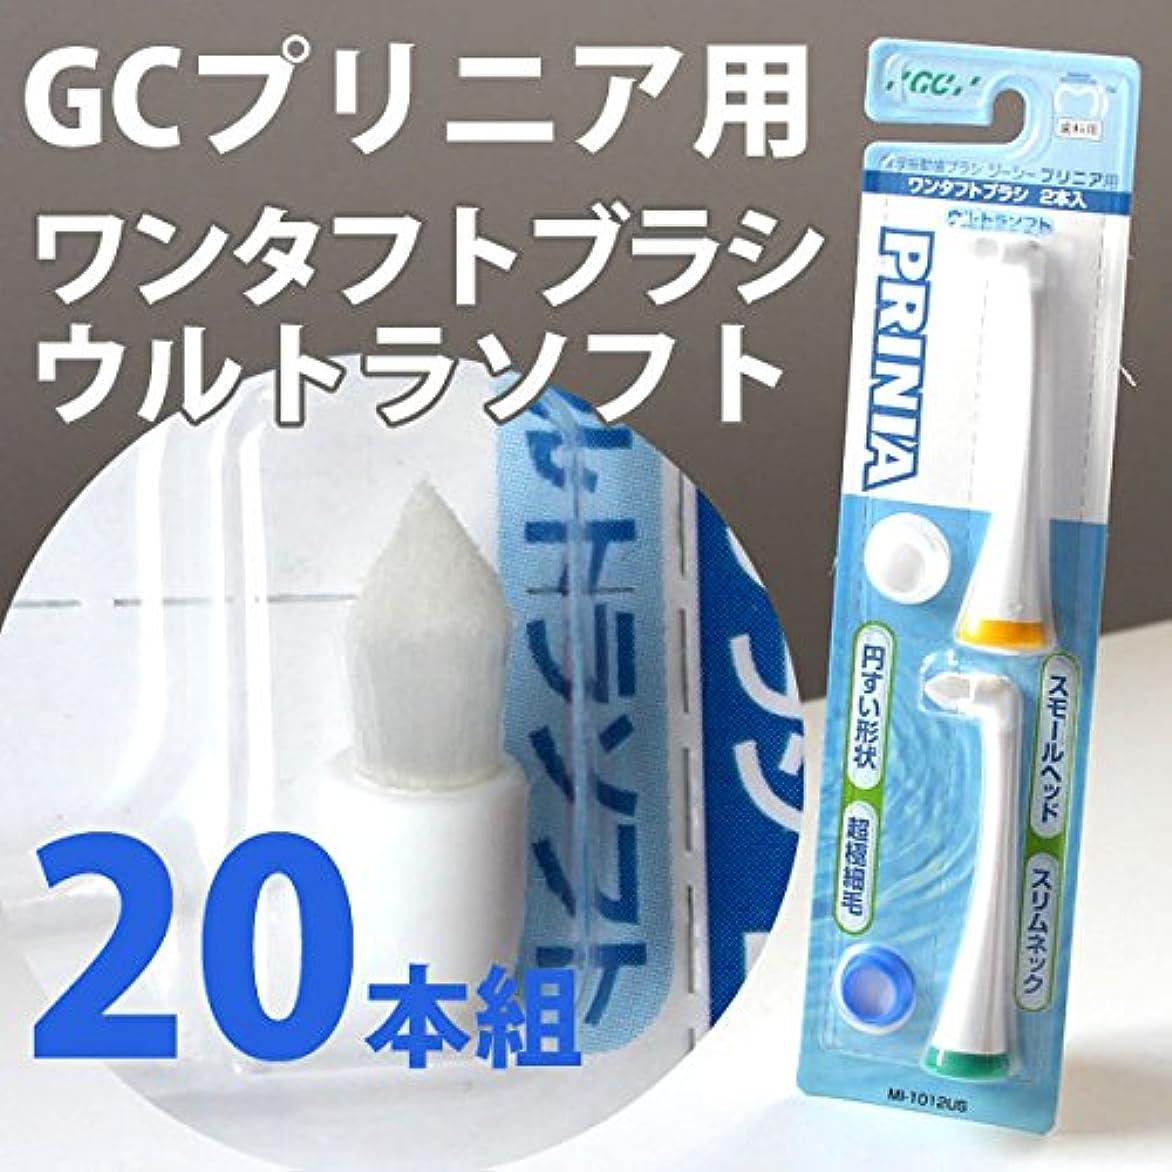 ヒント居心地の良い下にプリニア ワンタフト GC 音波振動歯ブラシ プリニアスリム 替えブラシ ブラシ(ウルトラソフト) 10セットル便